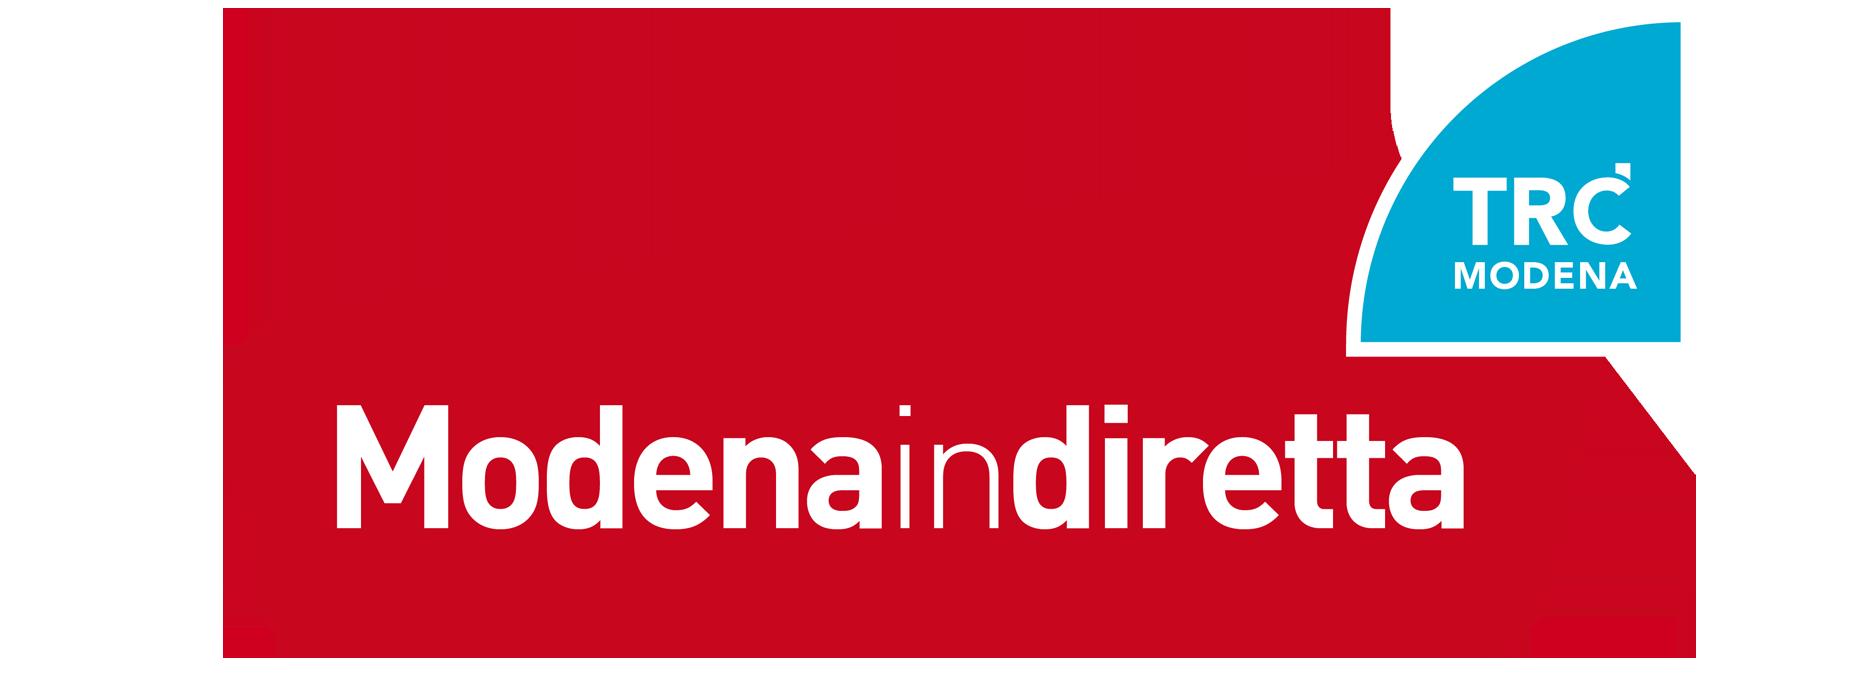 Reggionline –  Quotidianionline – Telereggio – Trc – TRM